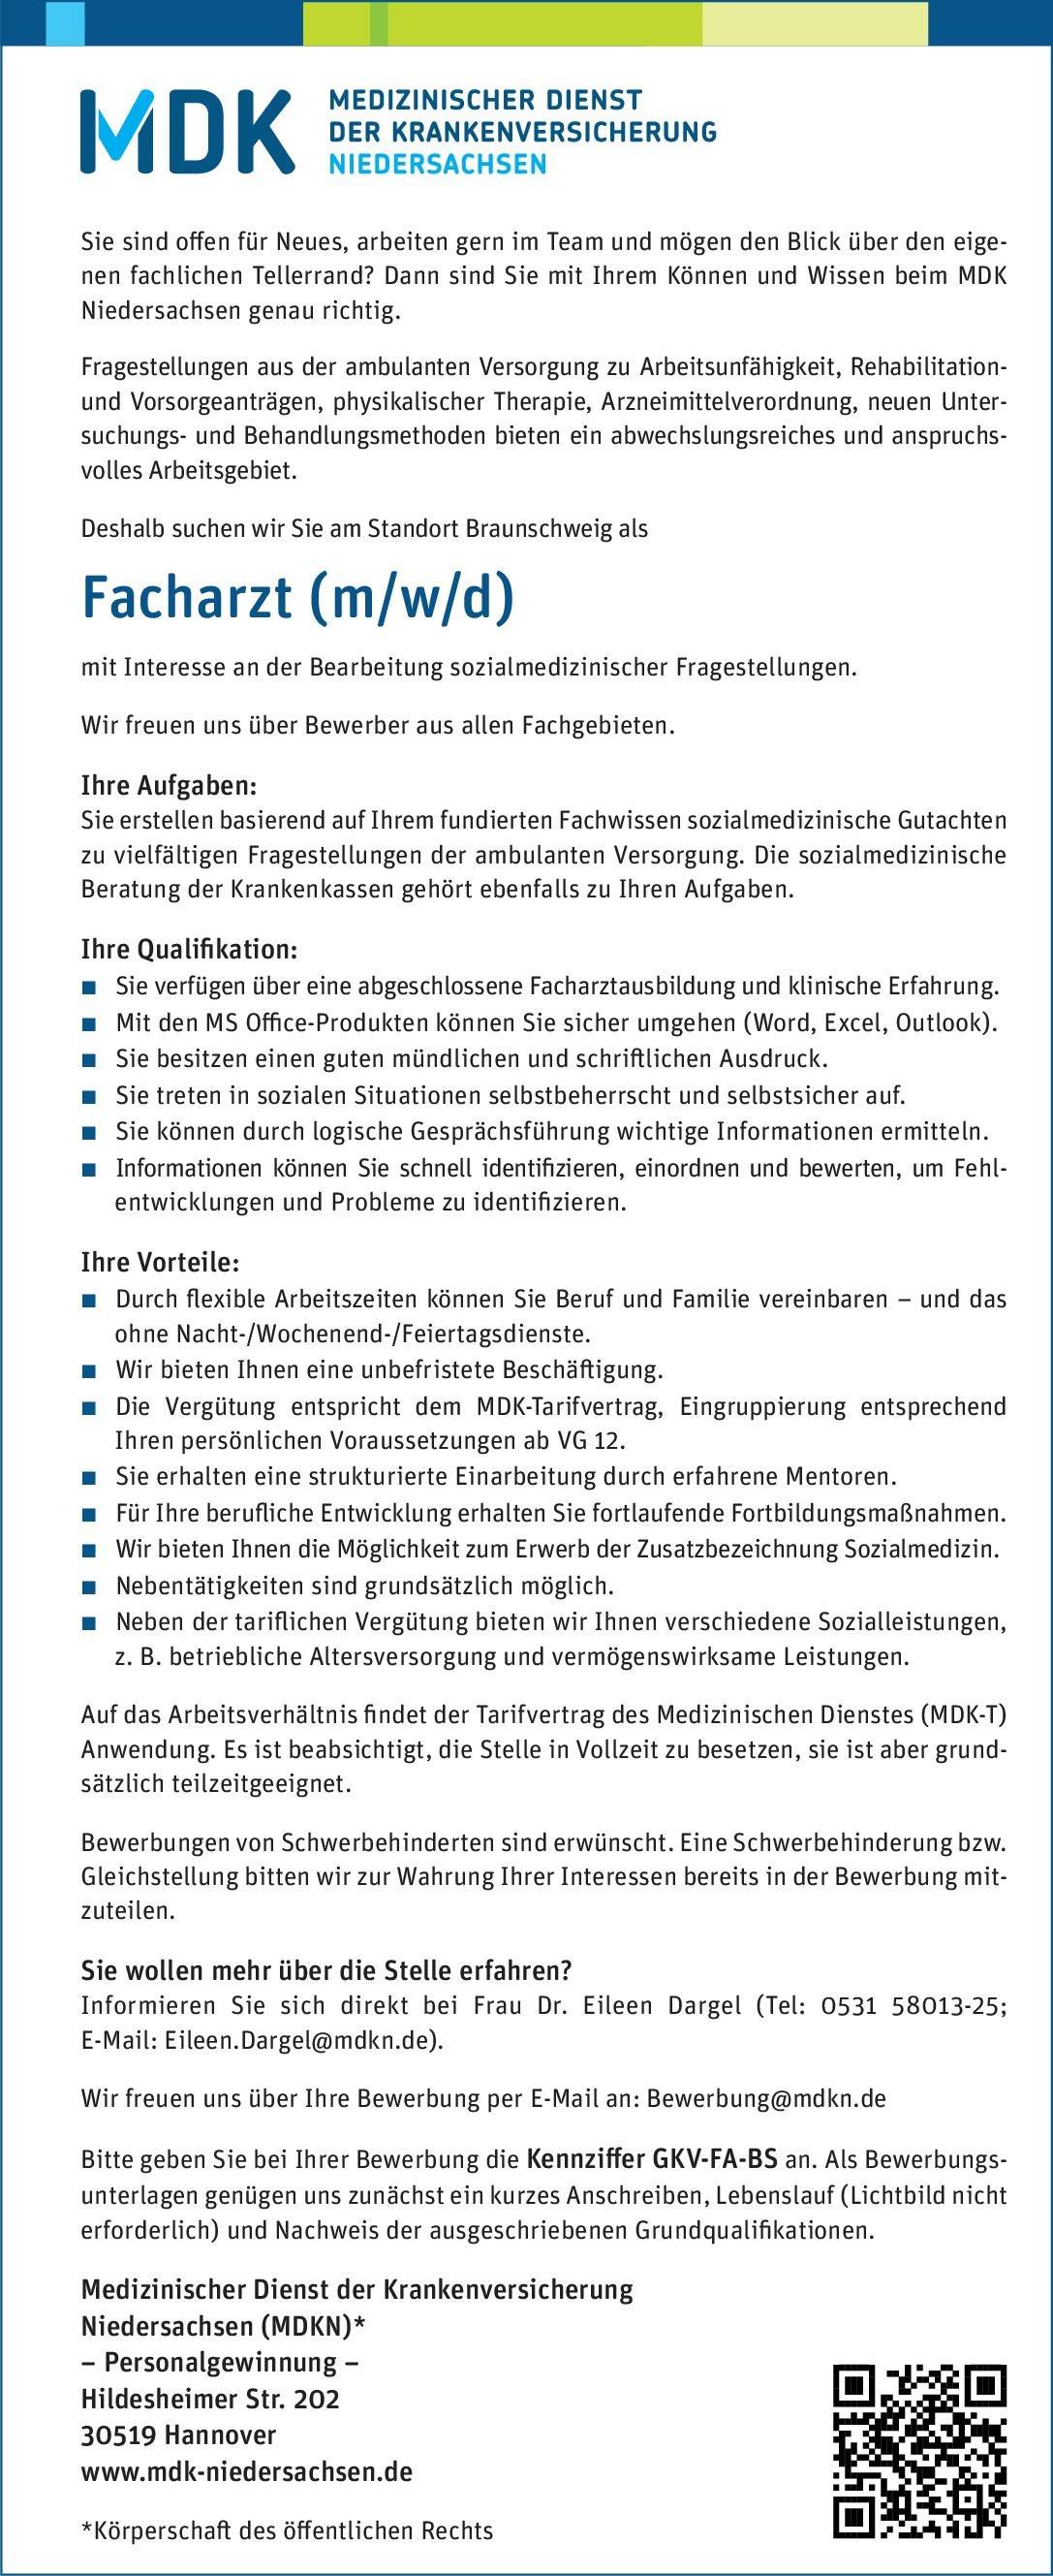 Medizinischer Dienst der Krankenversicherung Niedersachsen (MDKN)* Facharzt (m/w/d) mit Interesse an der Bearbeitung sozialmedizinischer Fragestellungen  Psychiatrie und Psychotherapie, Psychiatrie und Psychotherapie Arzt / Facharzt